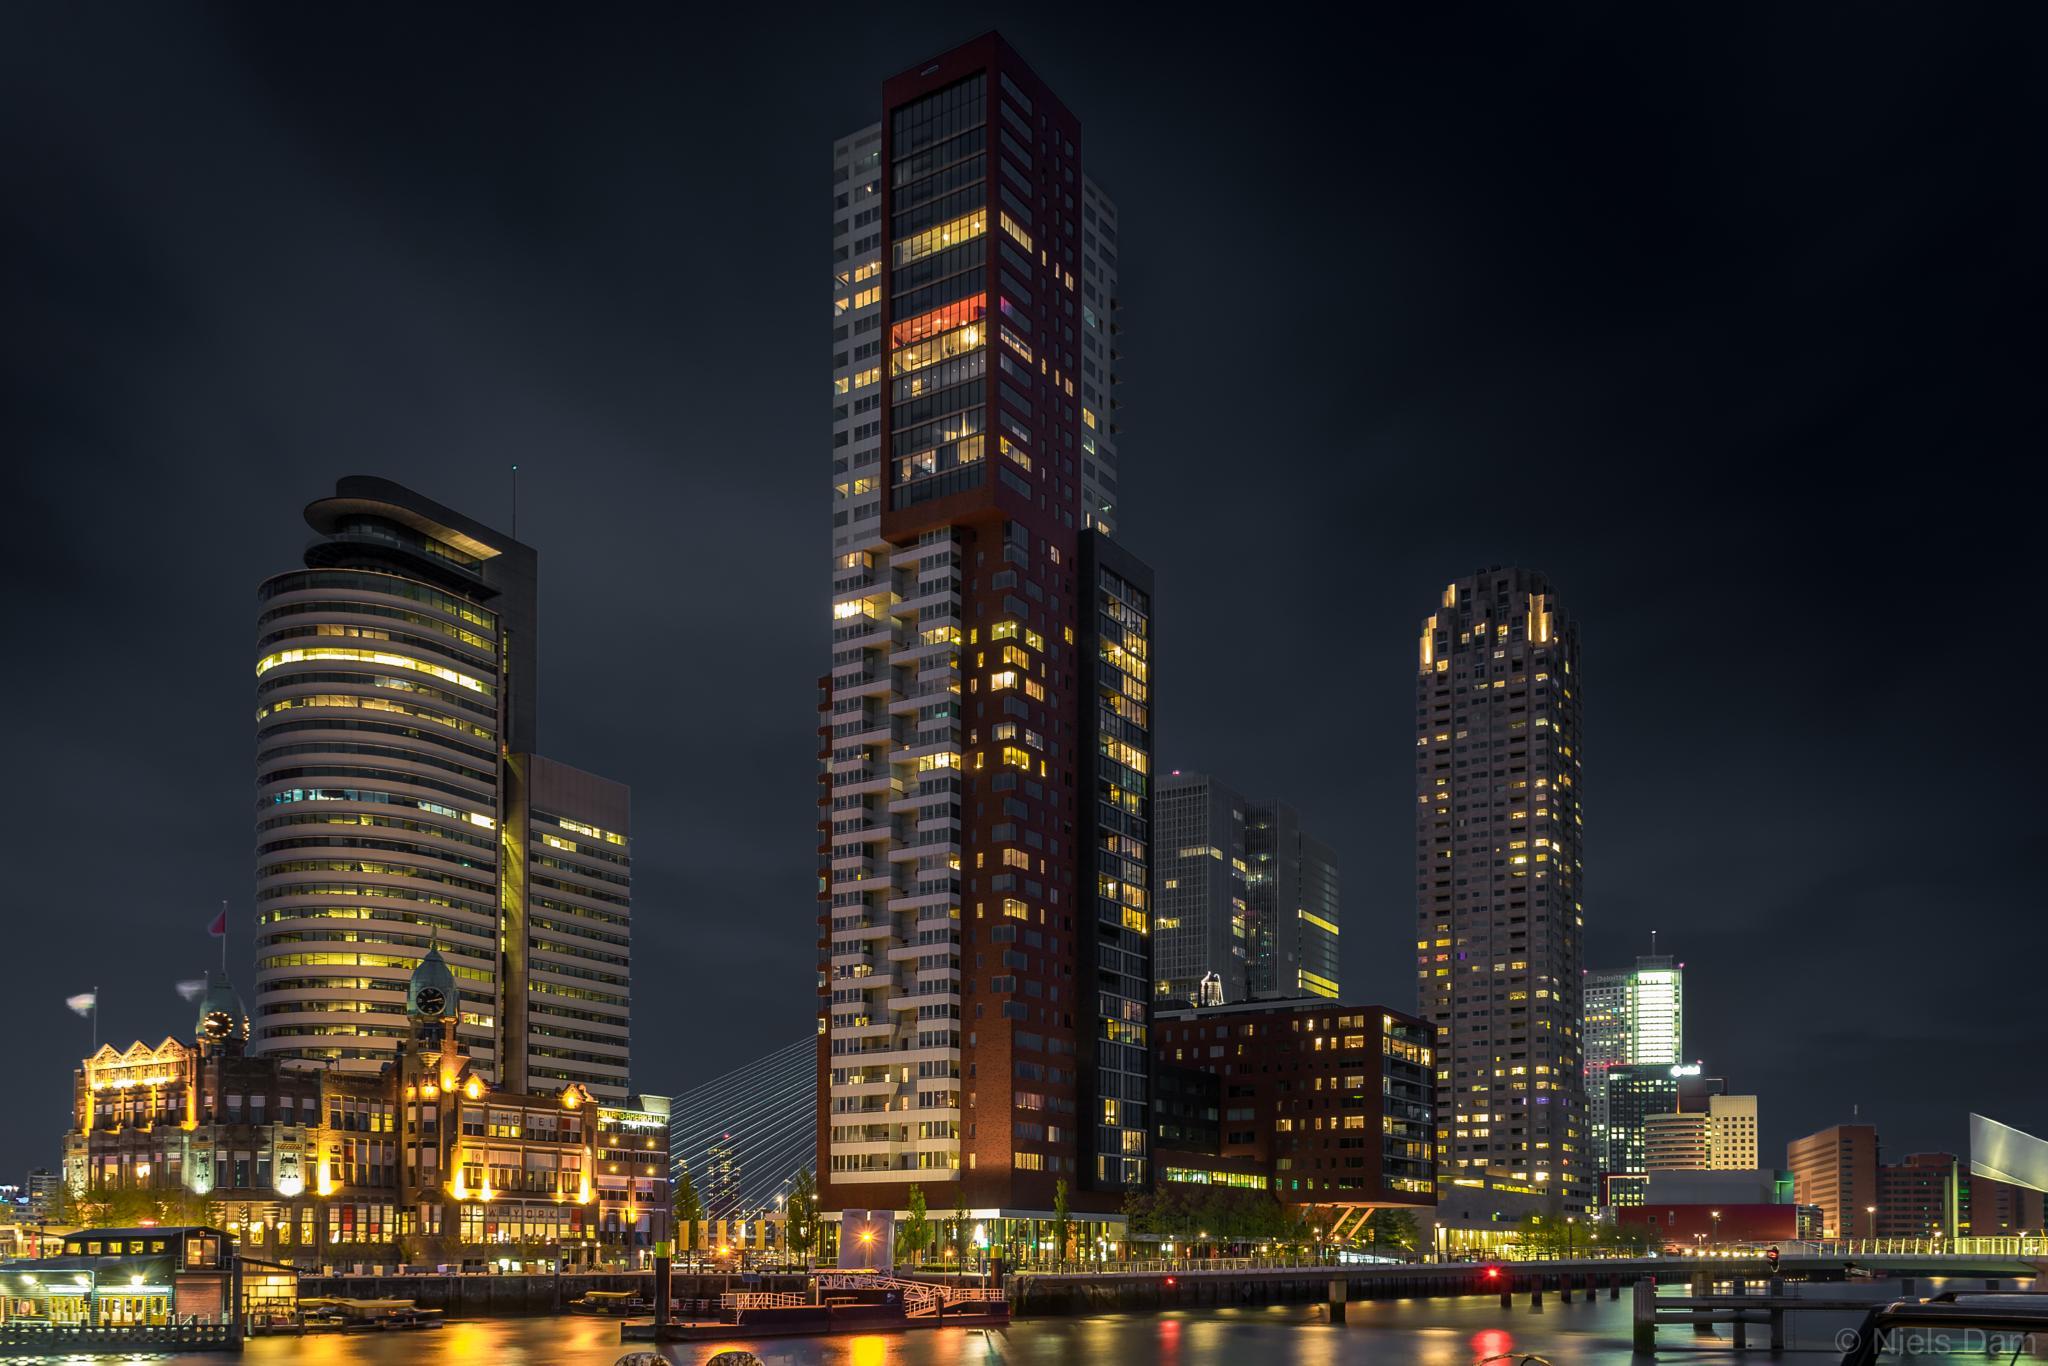 Kop van Zuid at night. by Niels Dam